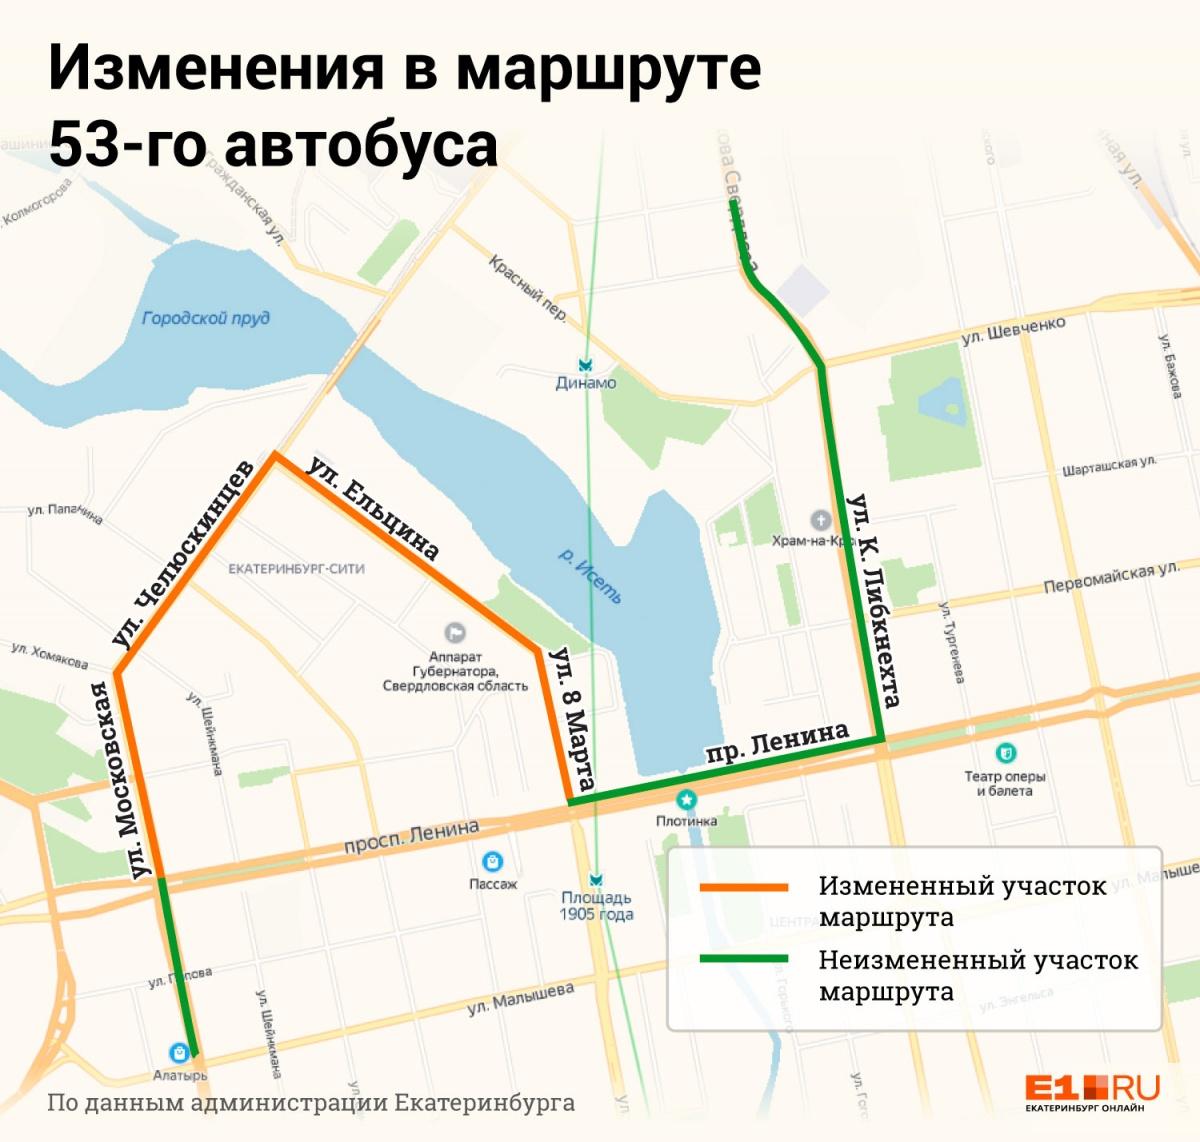 Из-за ремонта Макаровского моста изменили схему движения автобусов №53